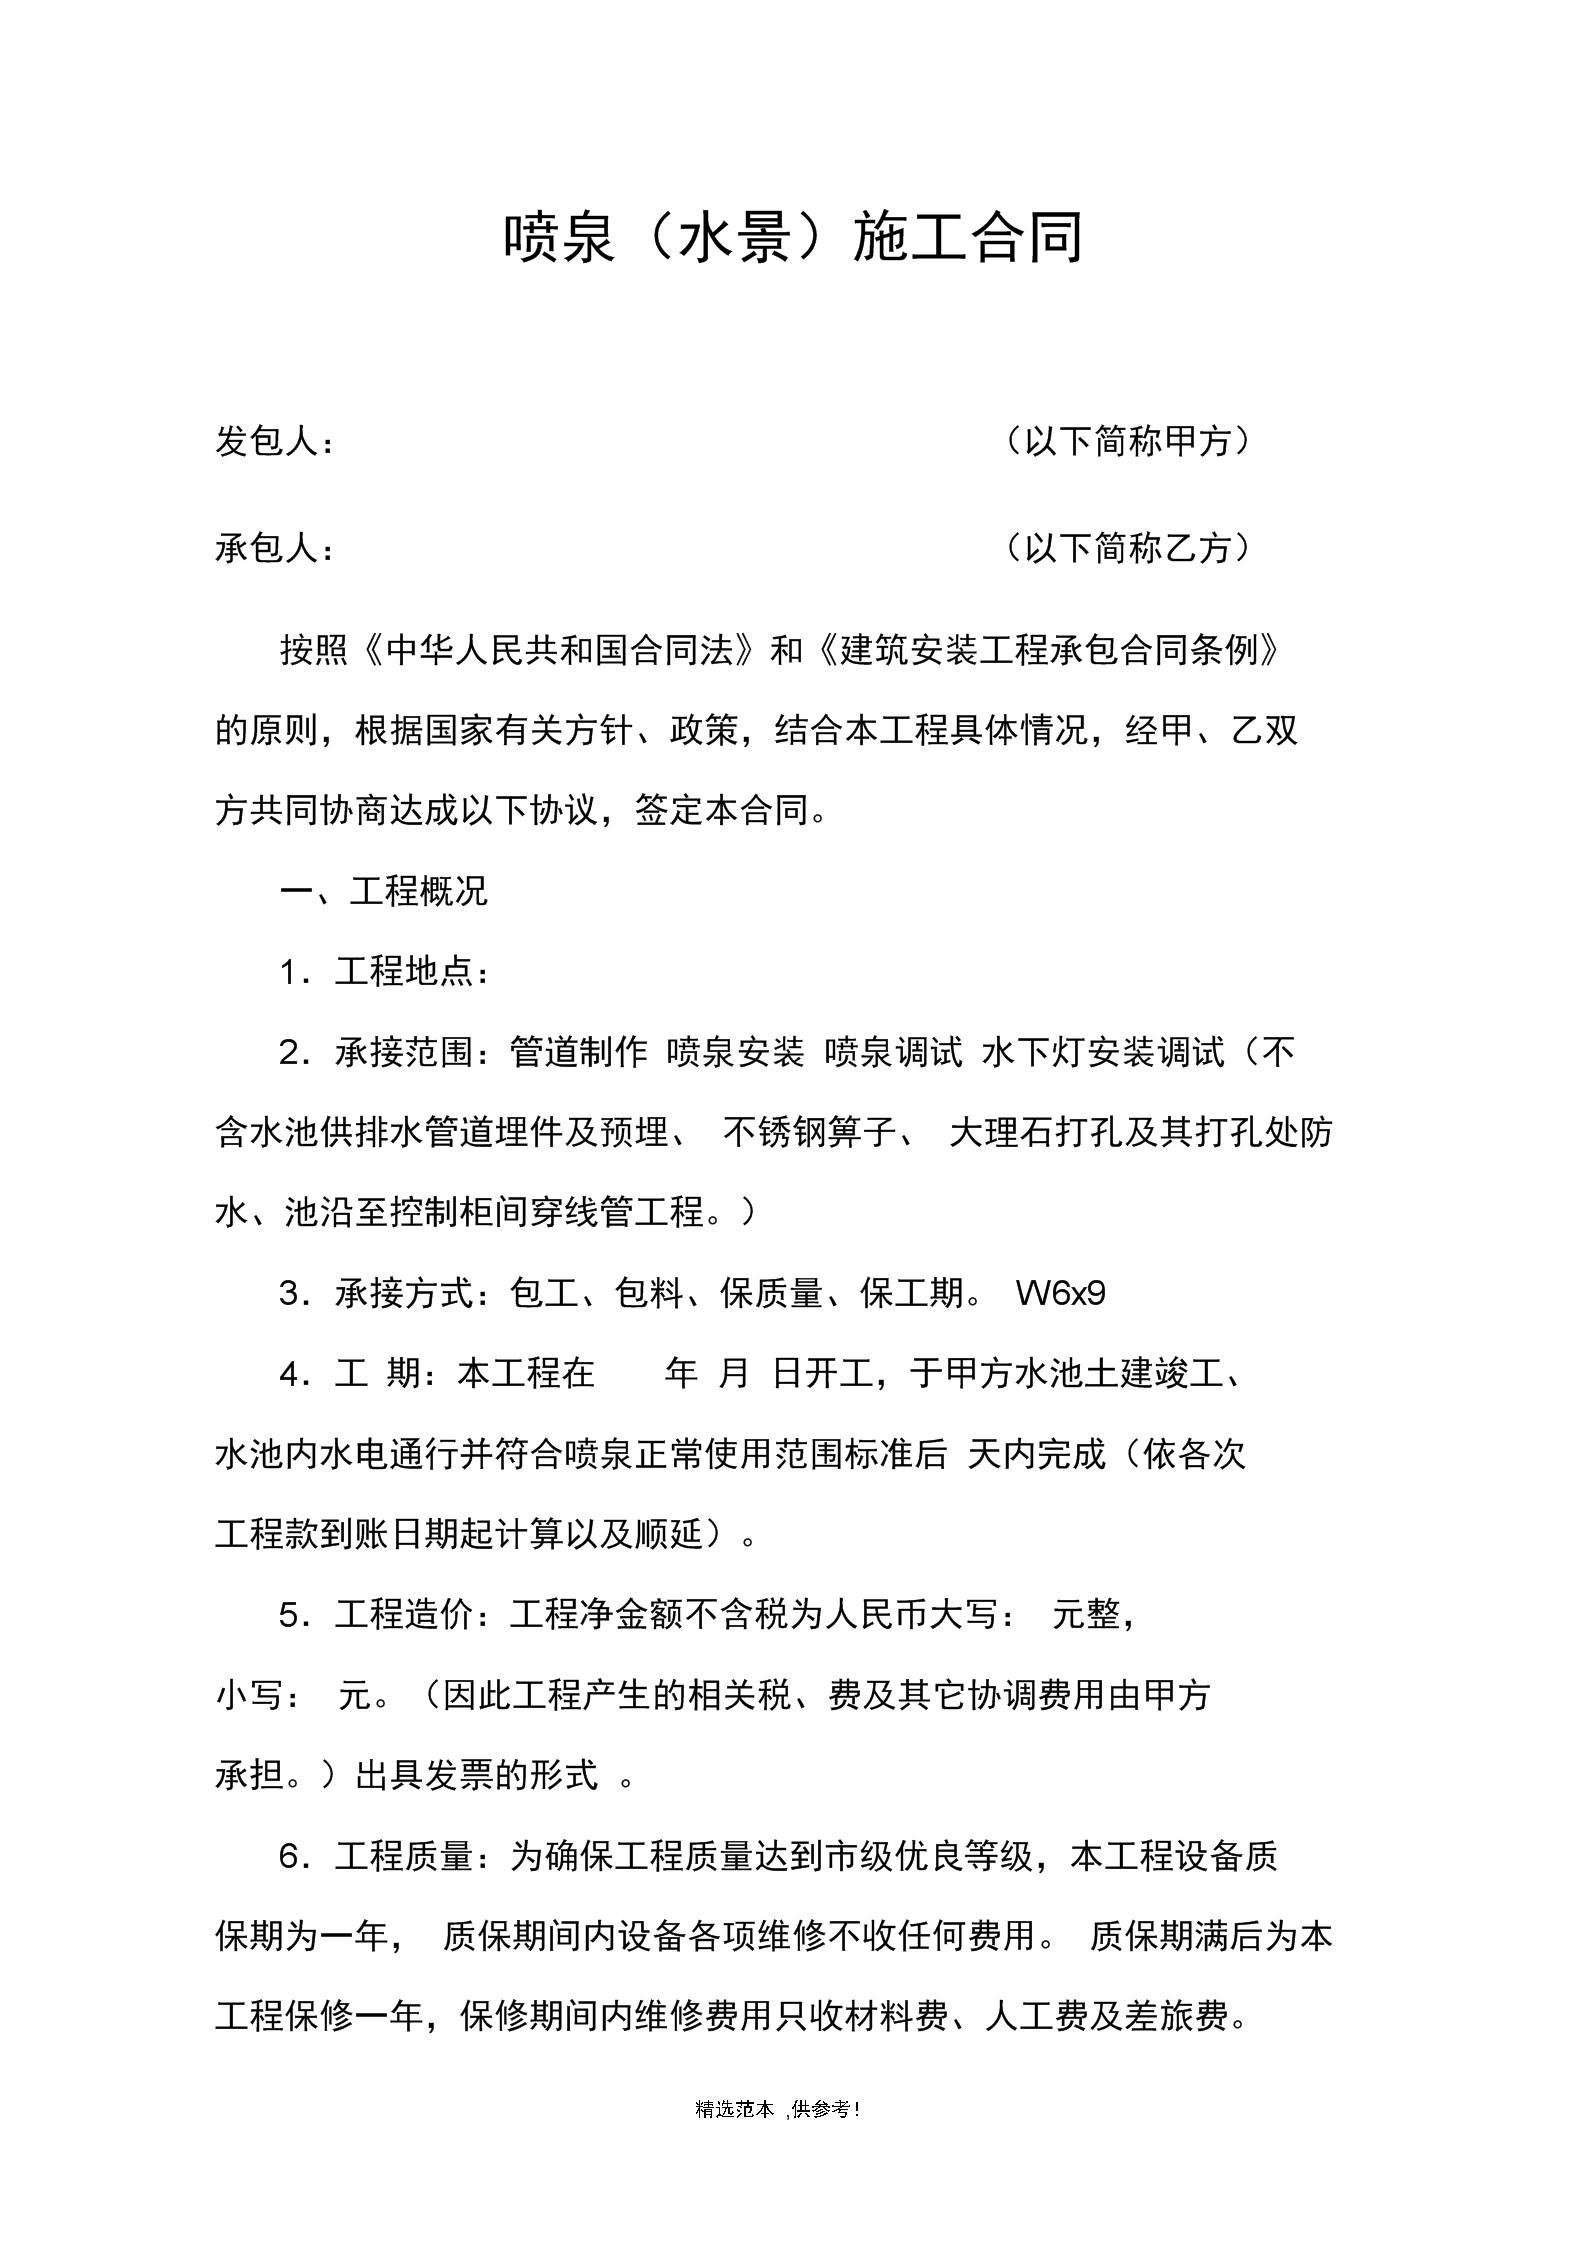 v喷泉(水景)施工合同.docx